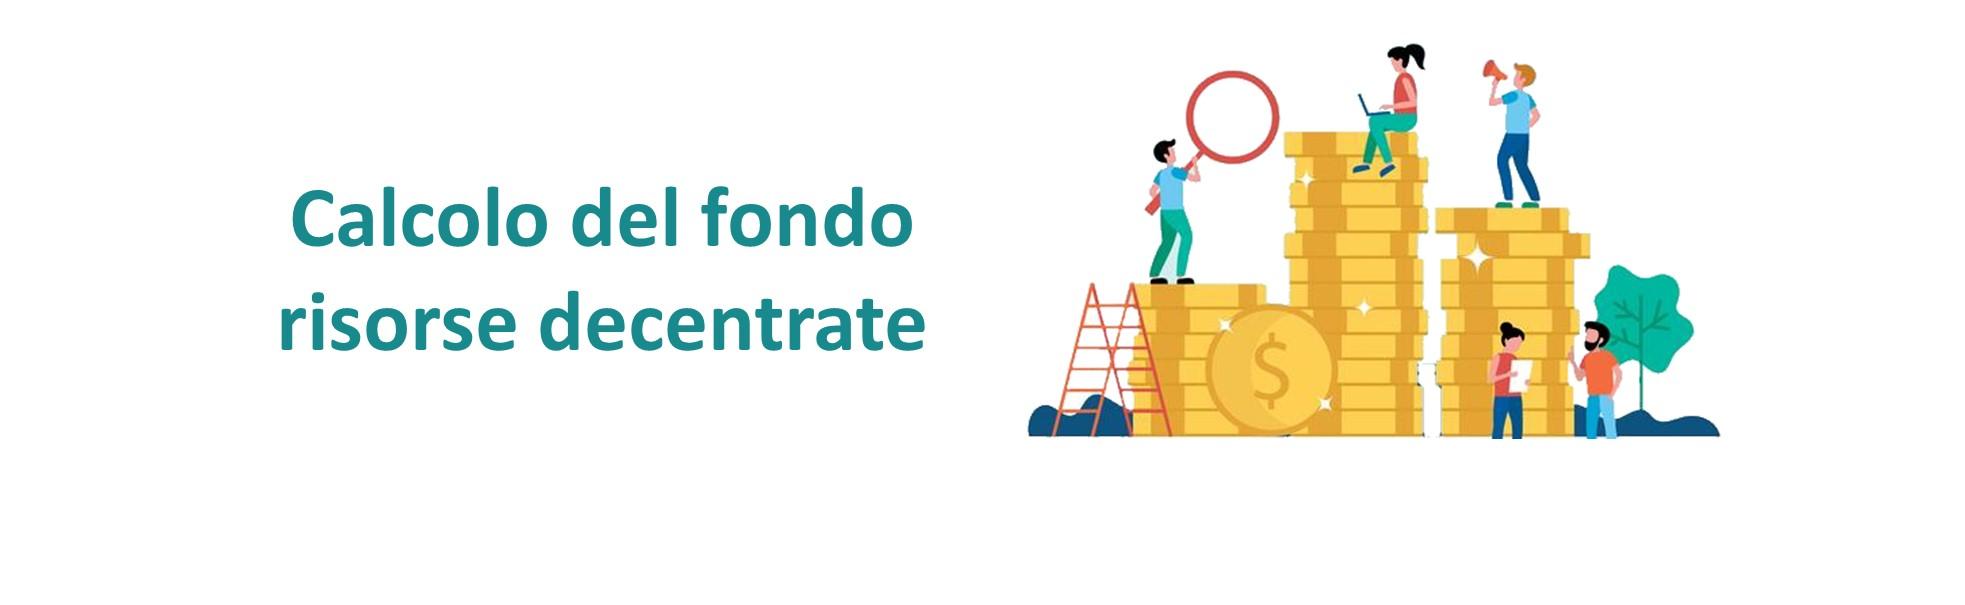 Calcolo_del_fondo